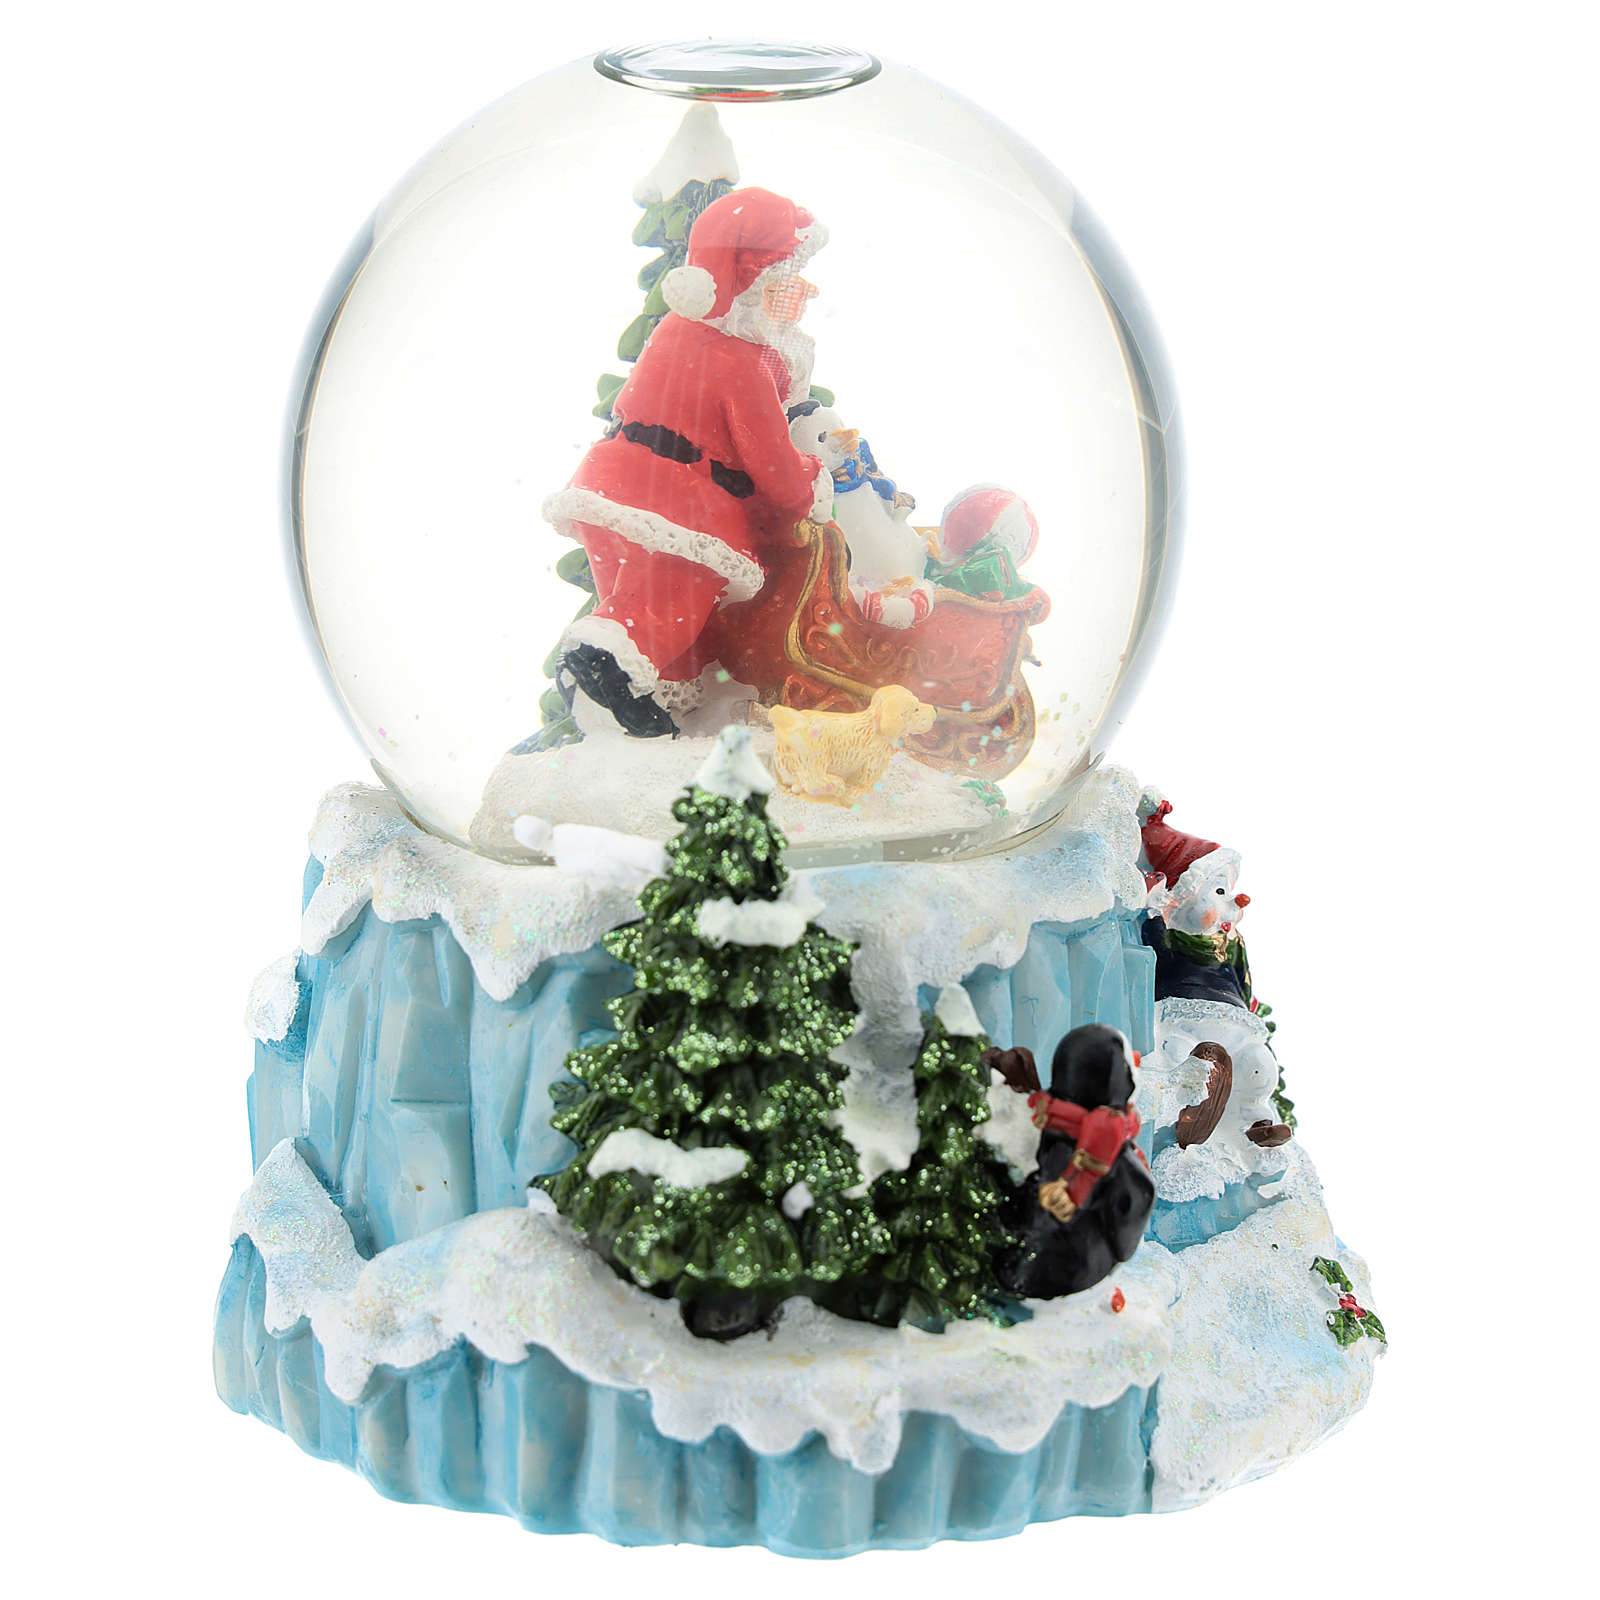 Schneekugel mit Weihnachtsmann und Schlitten, 15 cm hoch 3